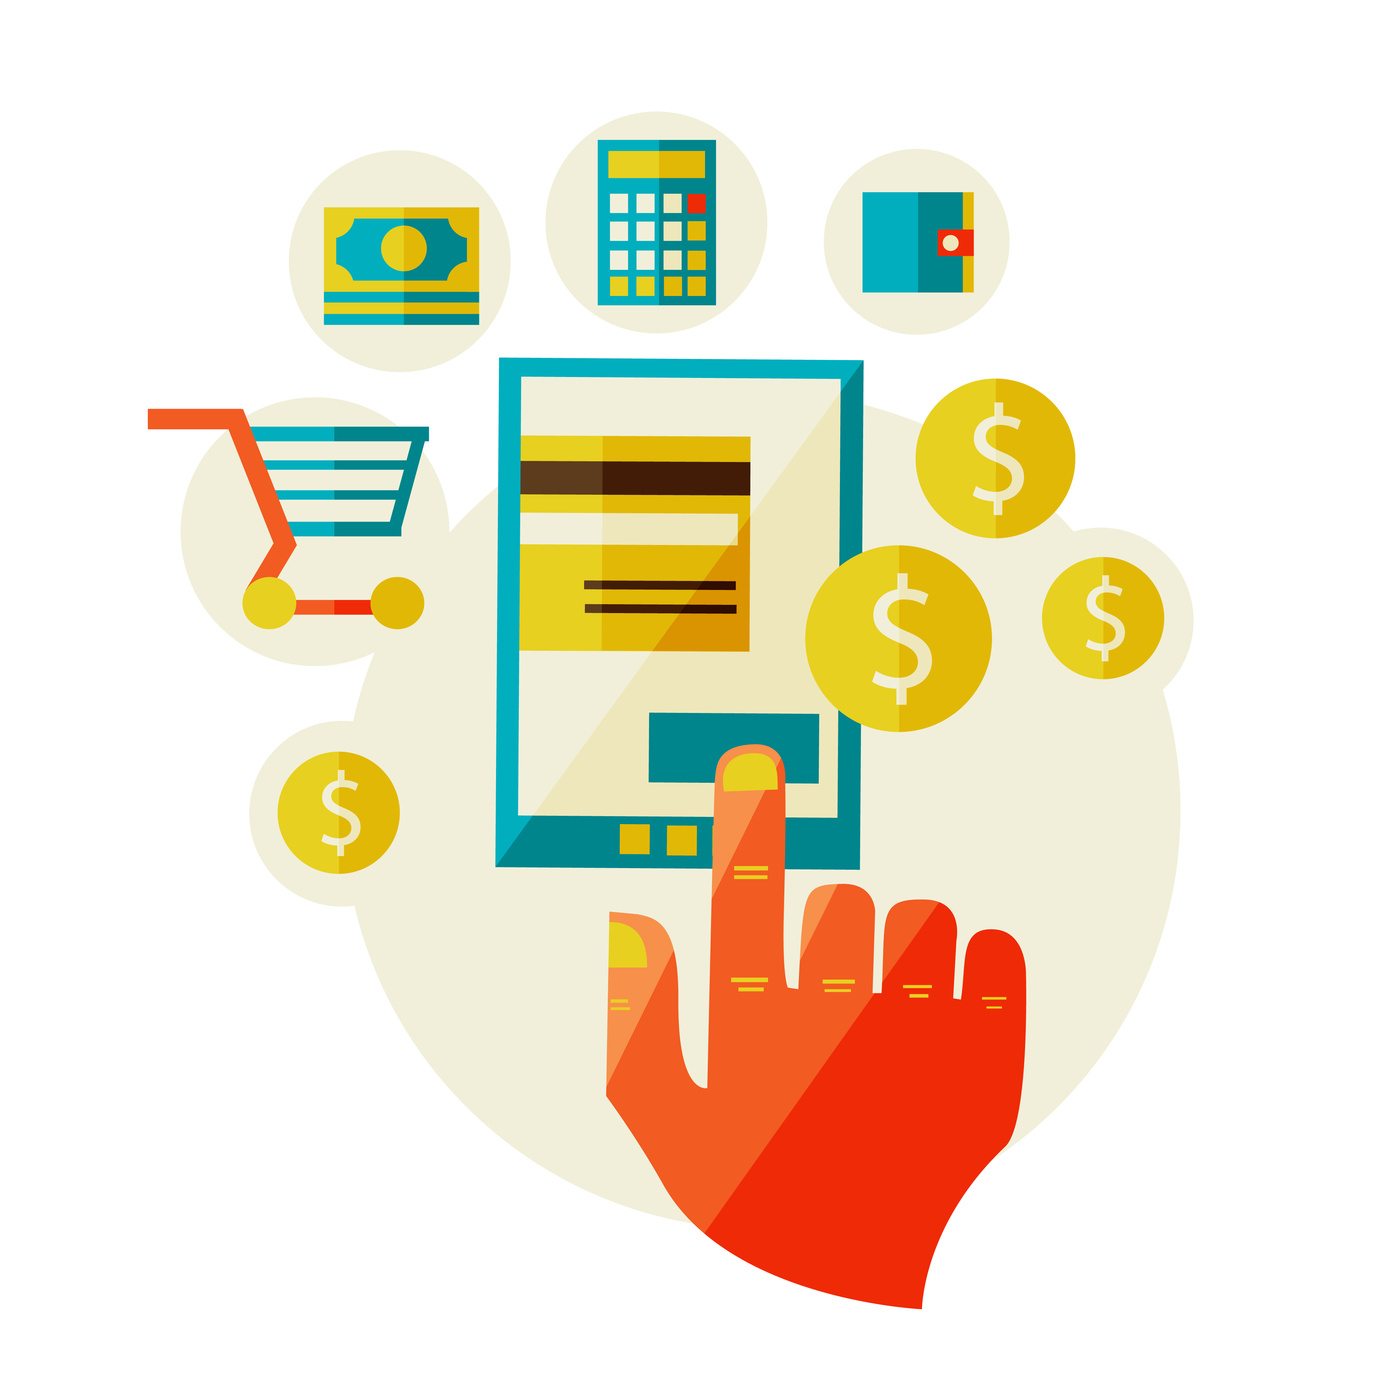 b1e137bd3bcfd9 Chcąc w podsumowaniu wyróżnić według nas najlepszego pośrednika szybkich  płatności oceniając kontakt, szybkość odpowiedzi oraz stawki prowizji, ...